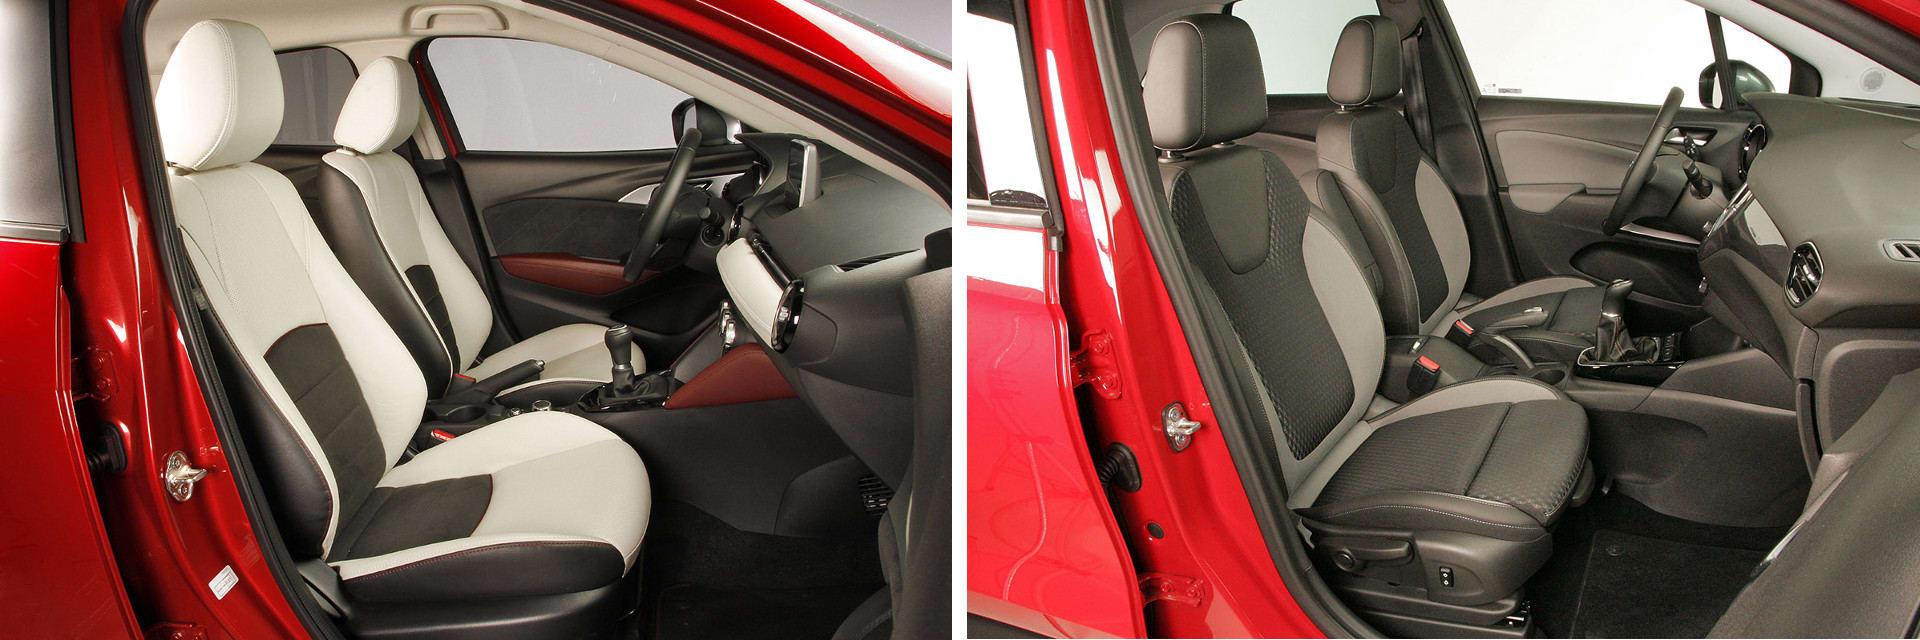 Las fotos del Mazda CX-3 corresponden al acabado Luxury. Las fotos del Opel Crossland X corresponden al acabado Selective. Fotos cedidas por km77.